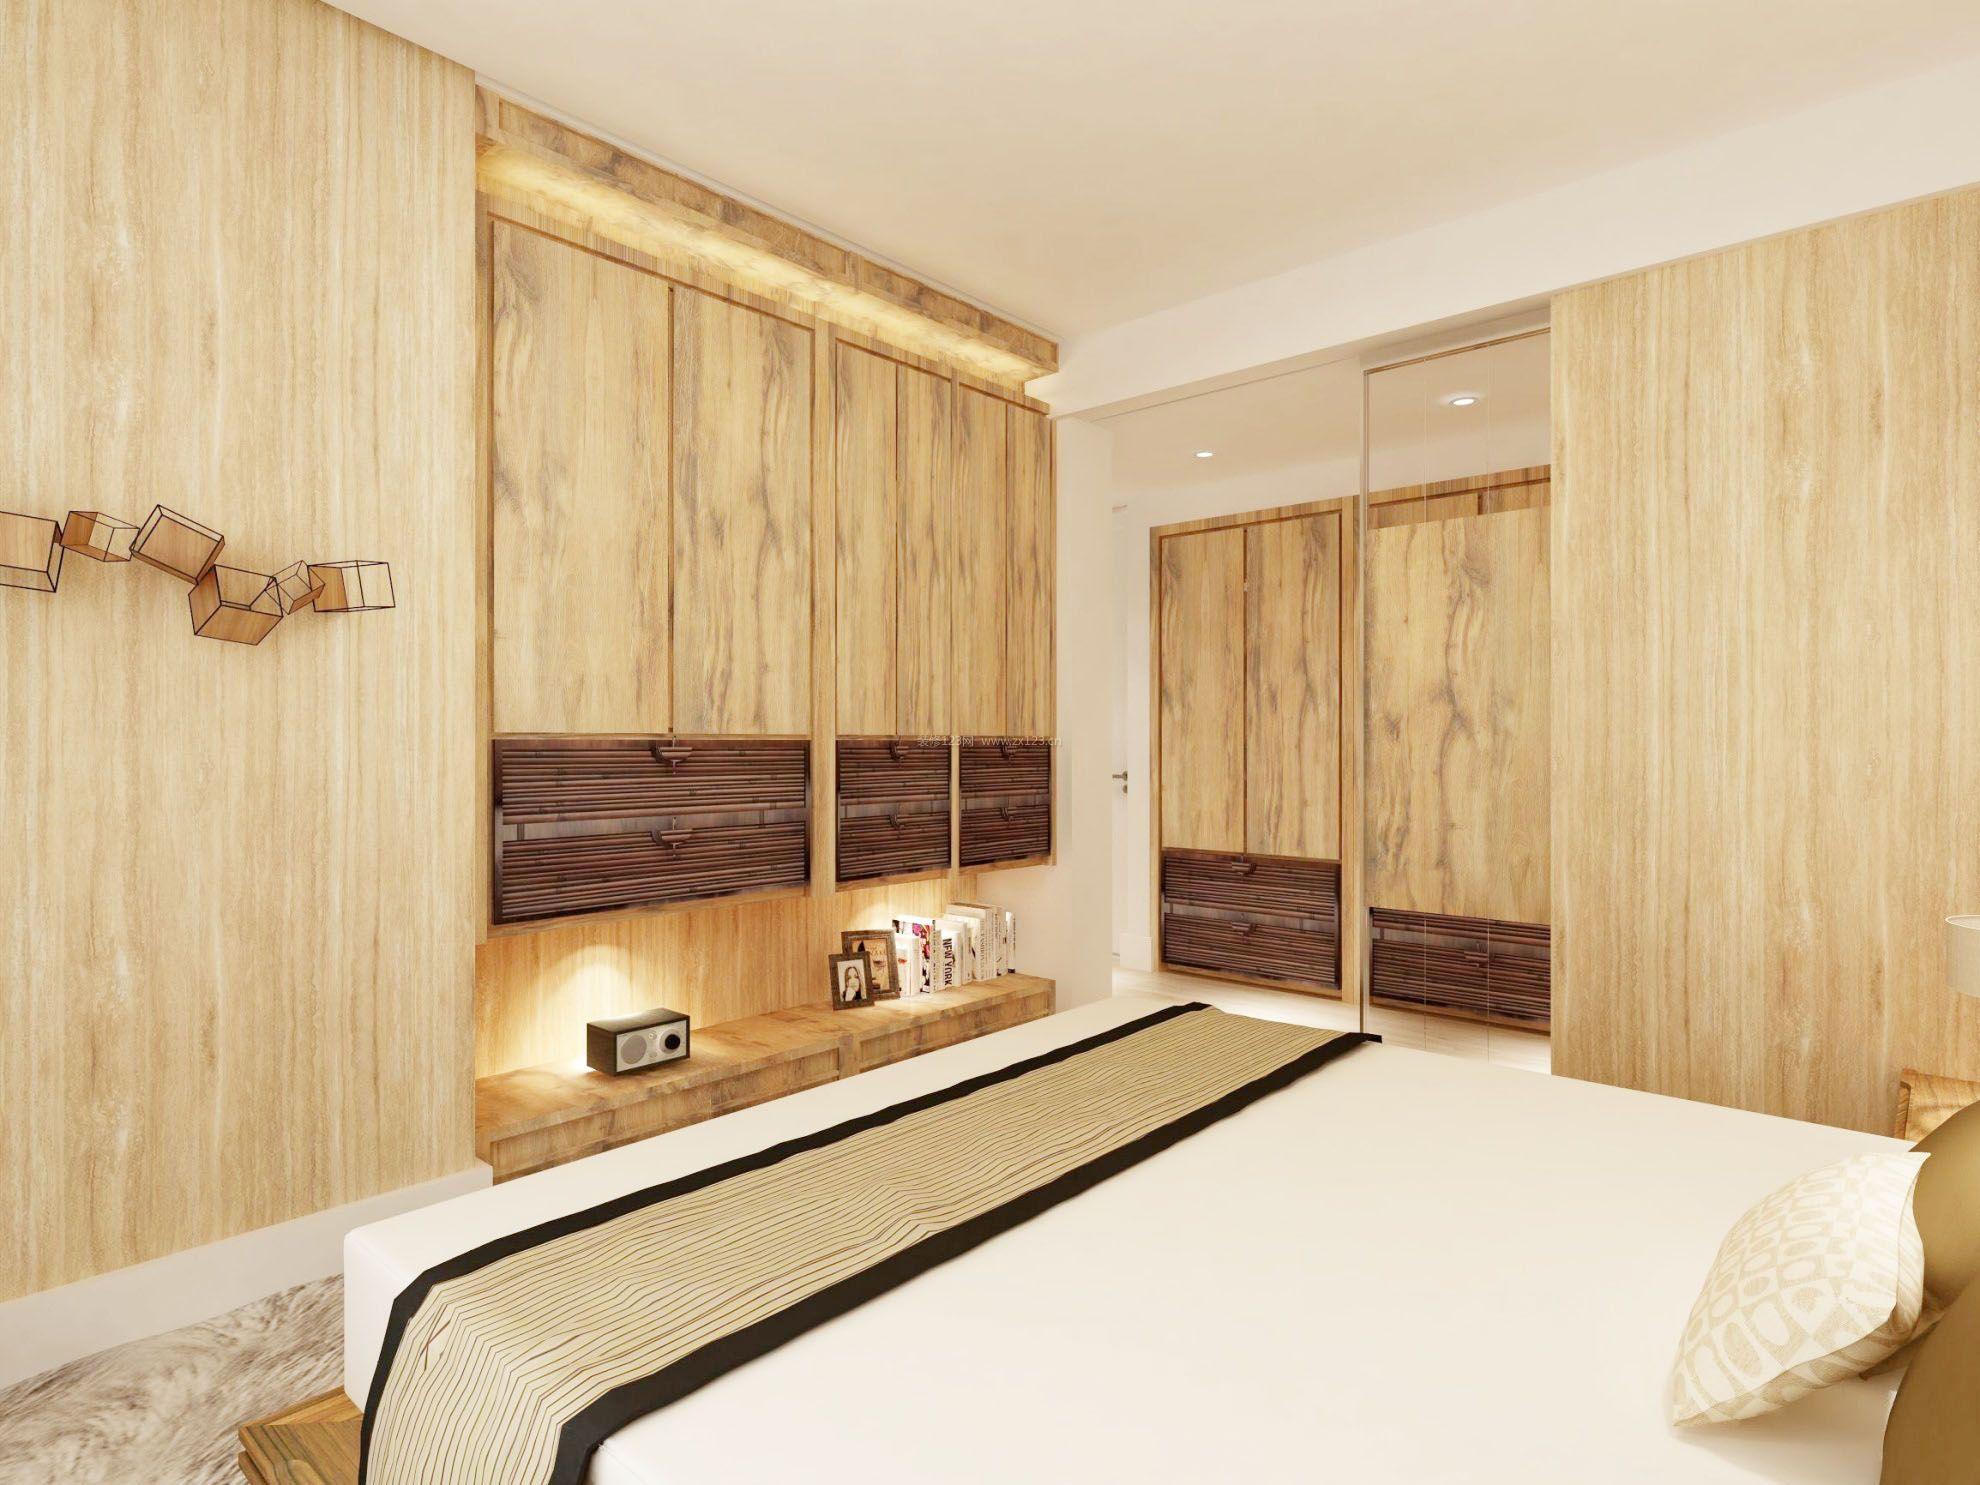 原木风格小户型家具摆放装修效果图